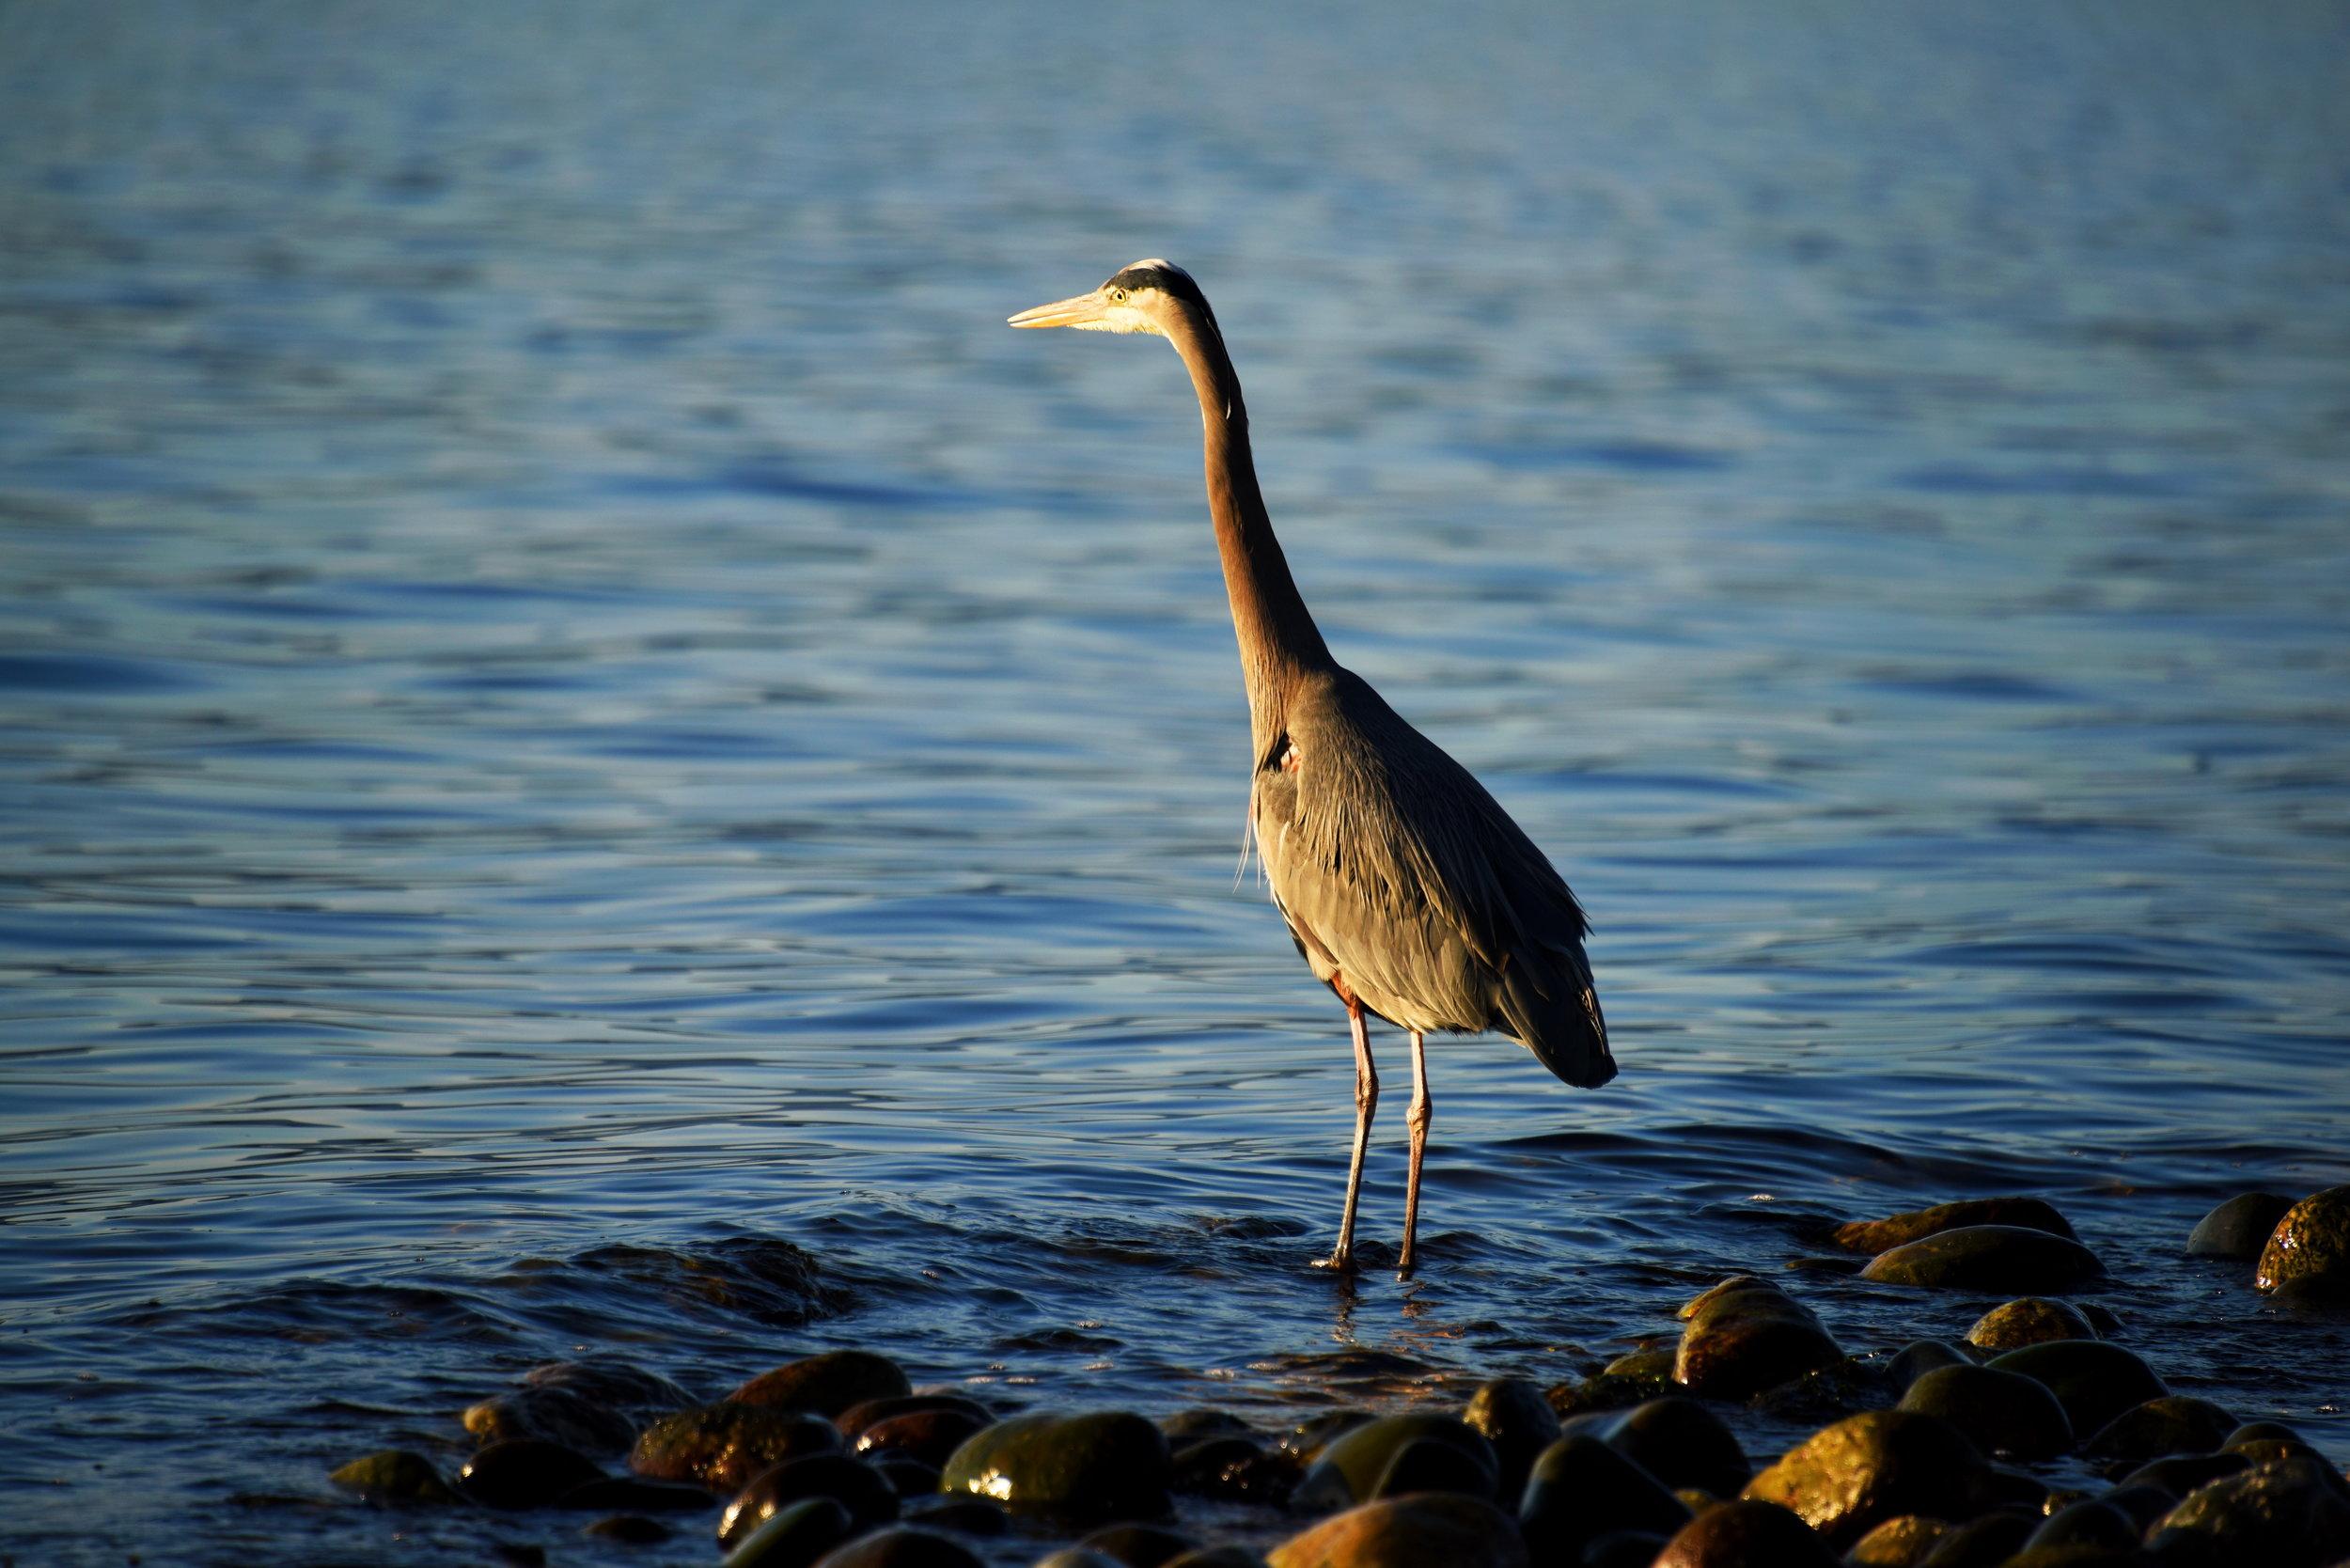 Great Blue Heron    24 x 36 Canvas 325.00 16 x 24 Canvas 225.00 16 x 24 Matte Aluminum 225.00